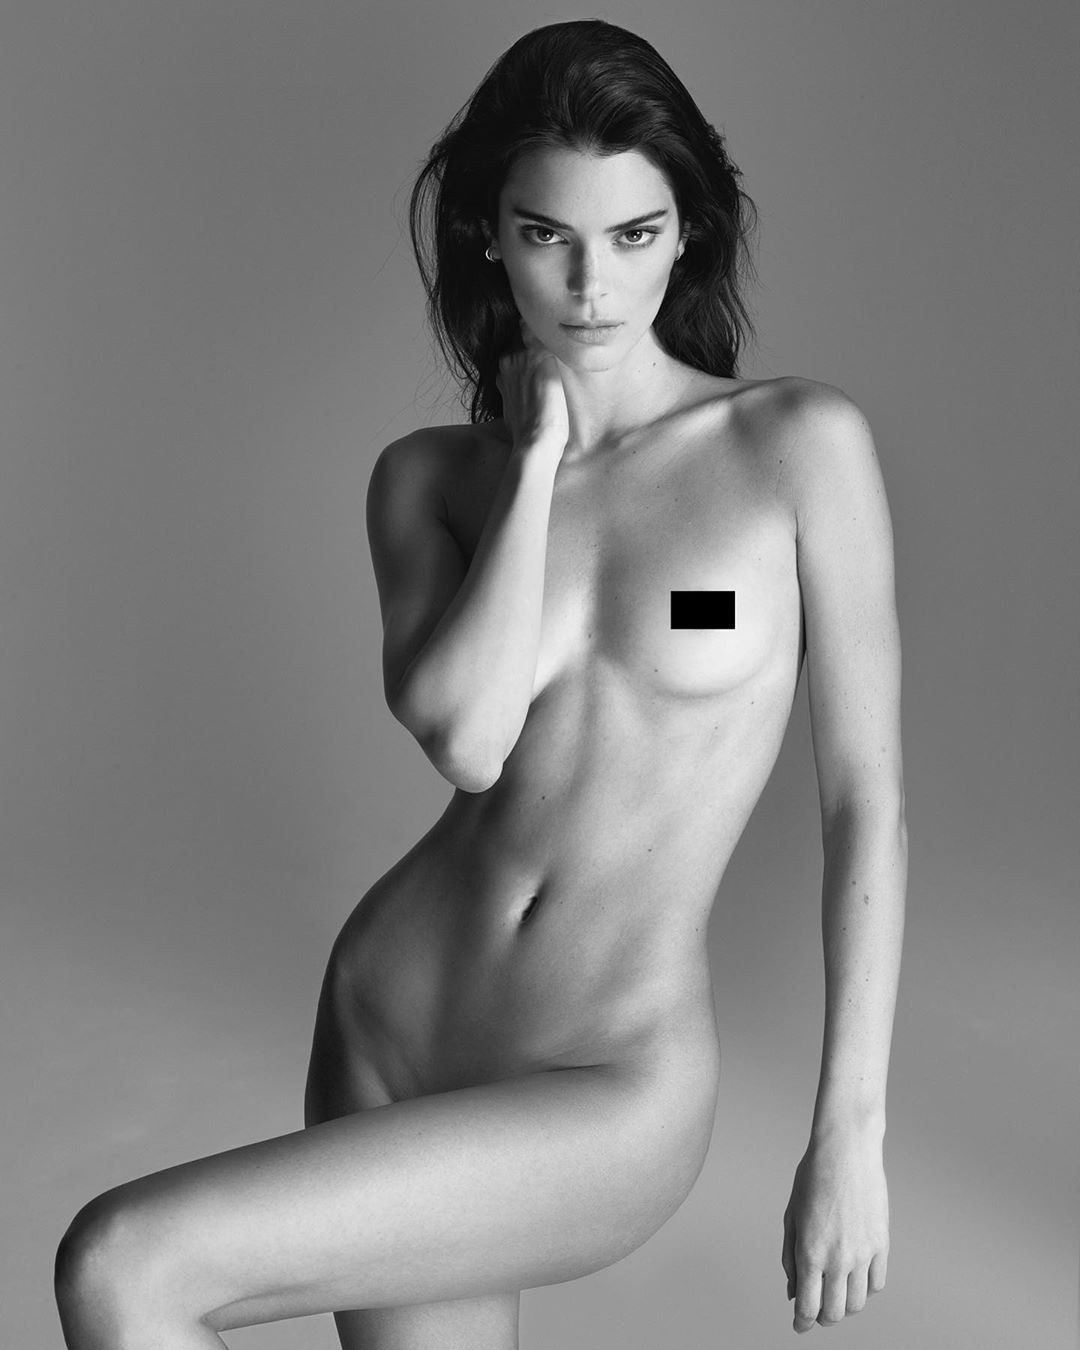 Ảnh nude toàn tập nhận 2,9 triệu like sau 2 tiếng của nàng mẫu 9x Kendall Jenner: Đẹp ná thở, body 0% mỡ thừa - Ảnh 1.